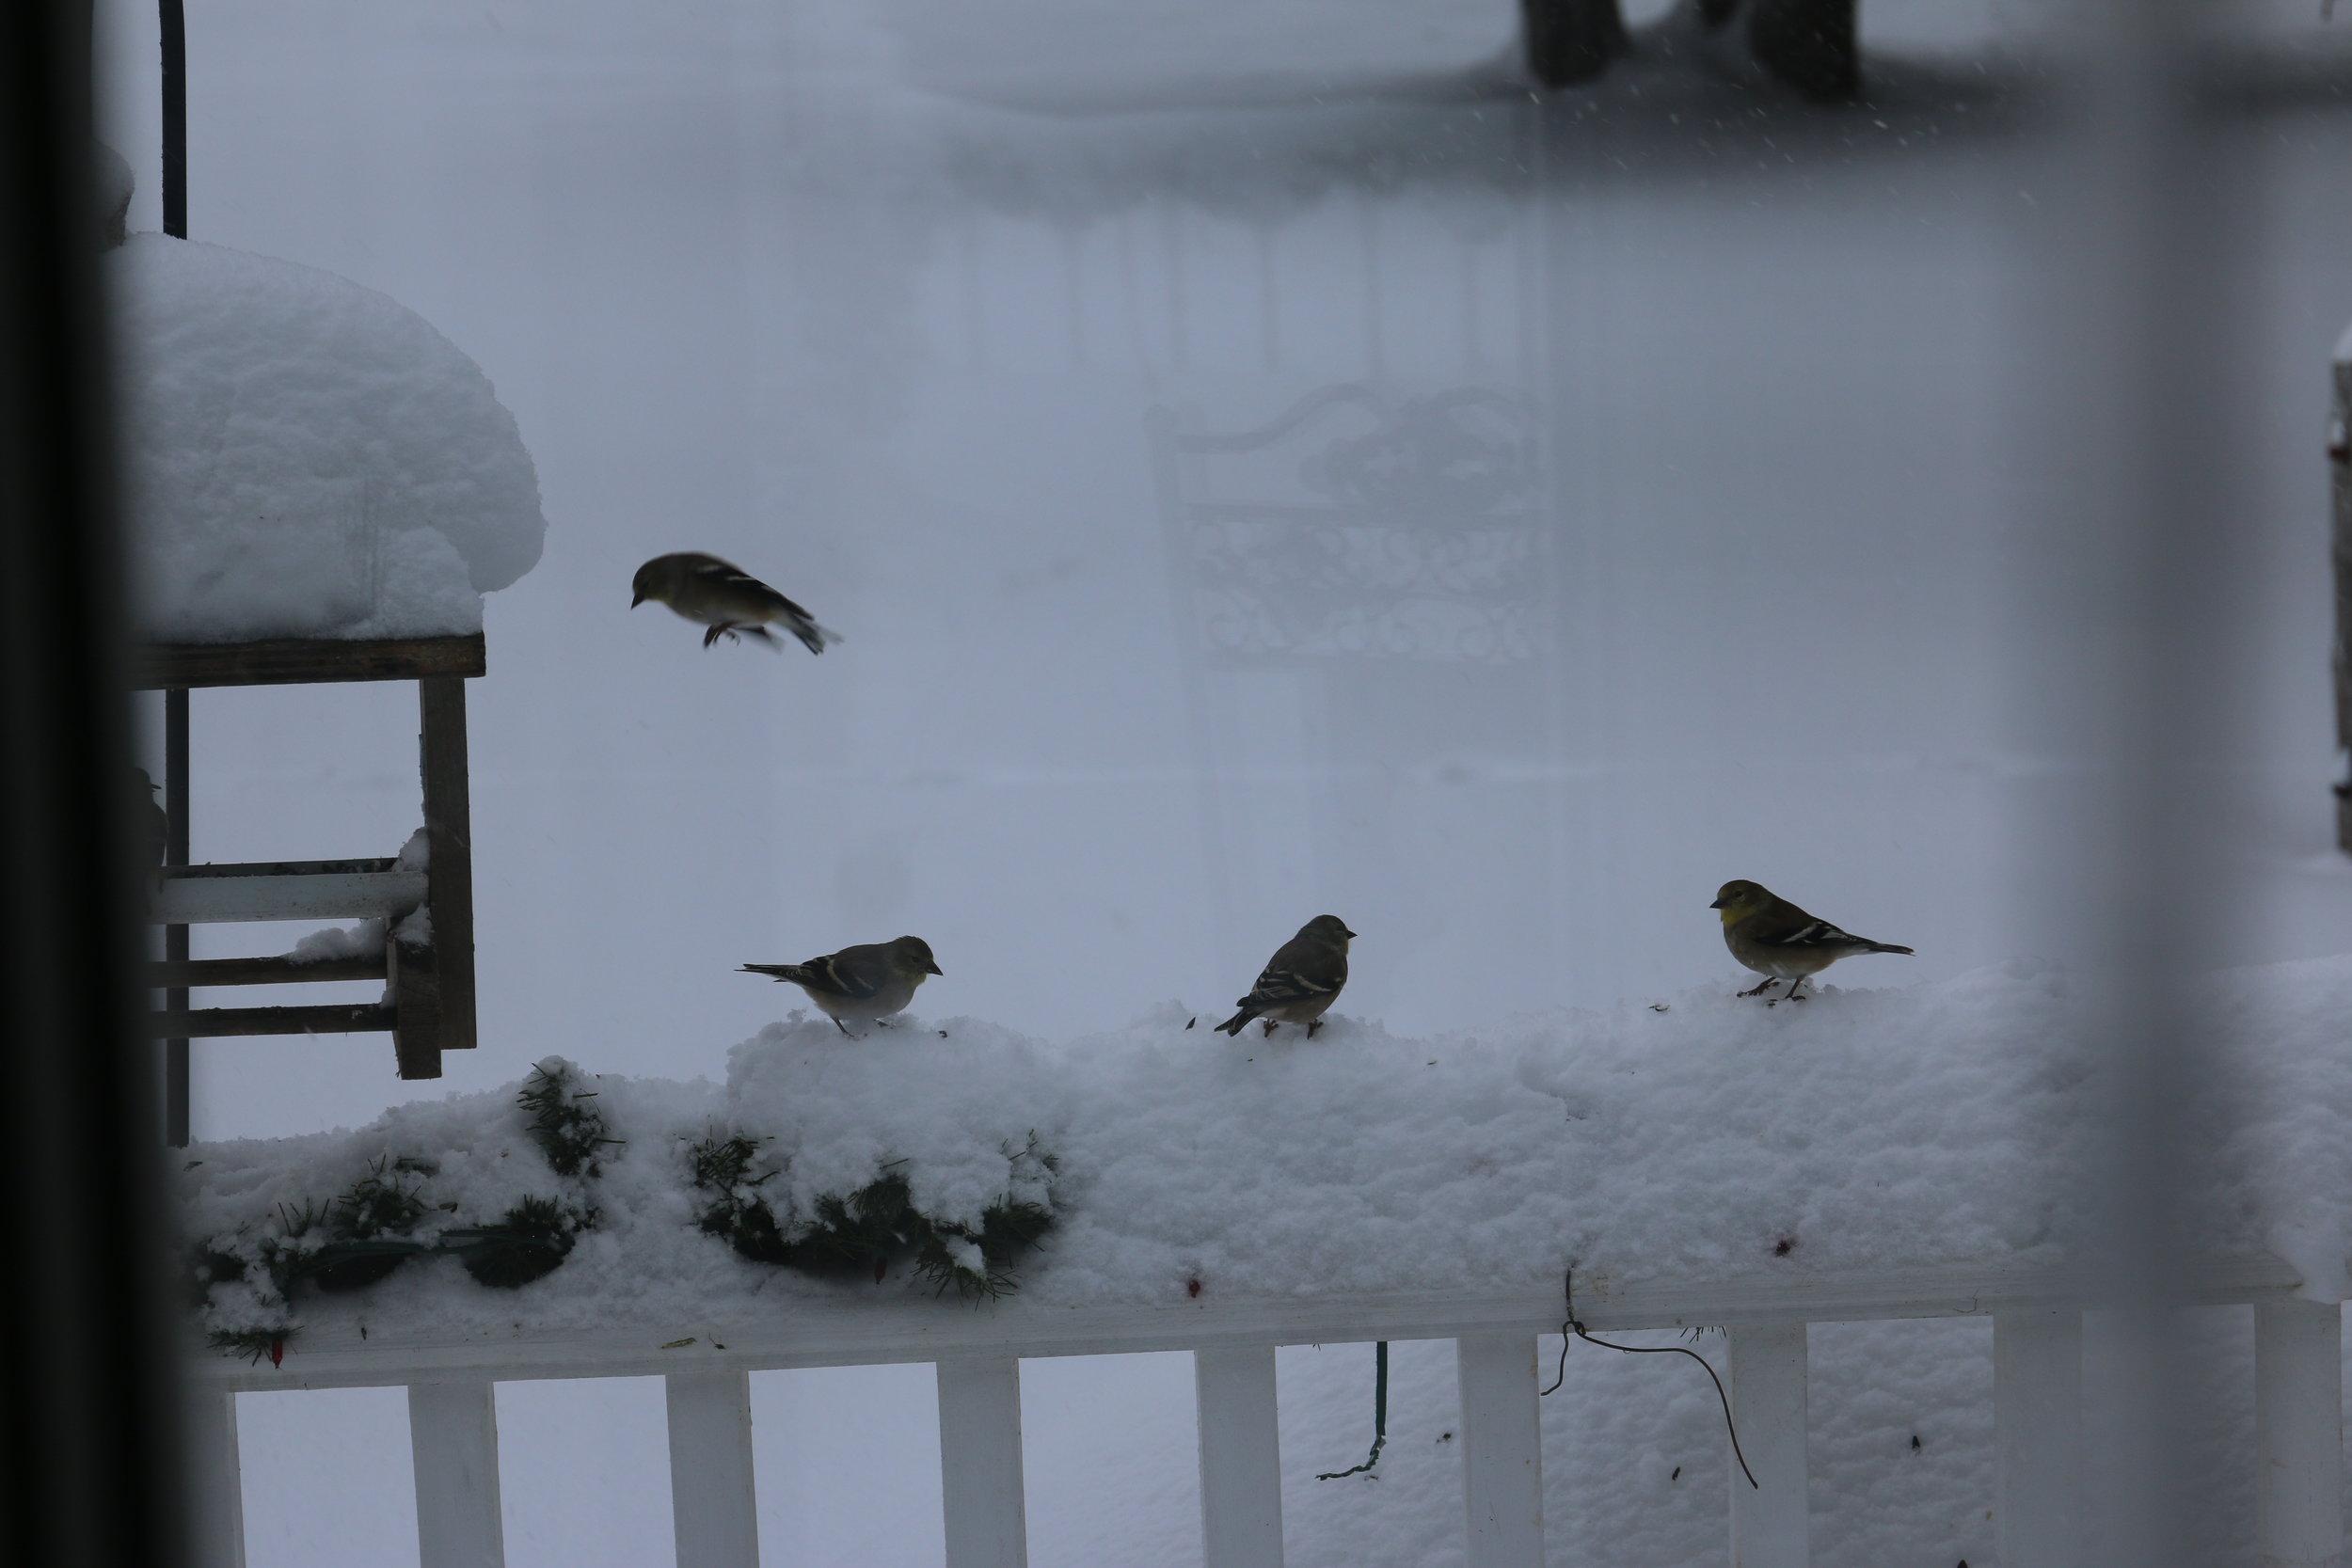 Birdies!